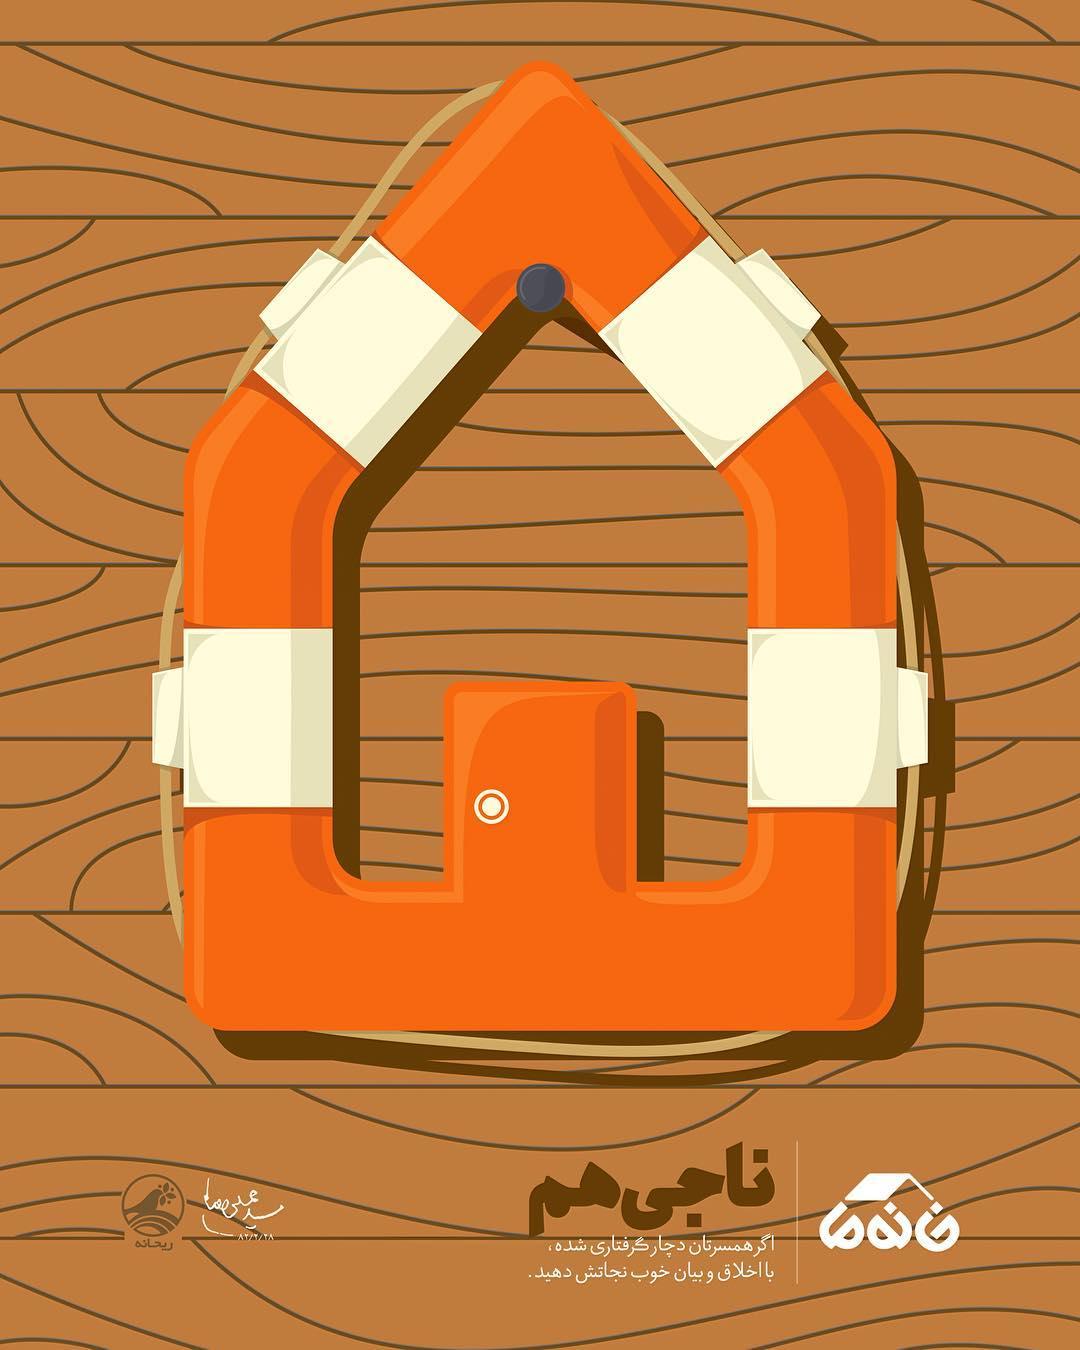 مجموعه طرح خانه ما-قسمت ششم.jpg (1080×1350)